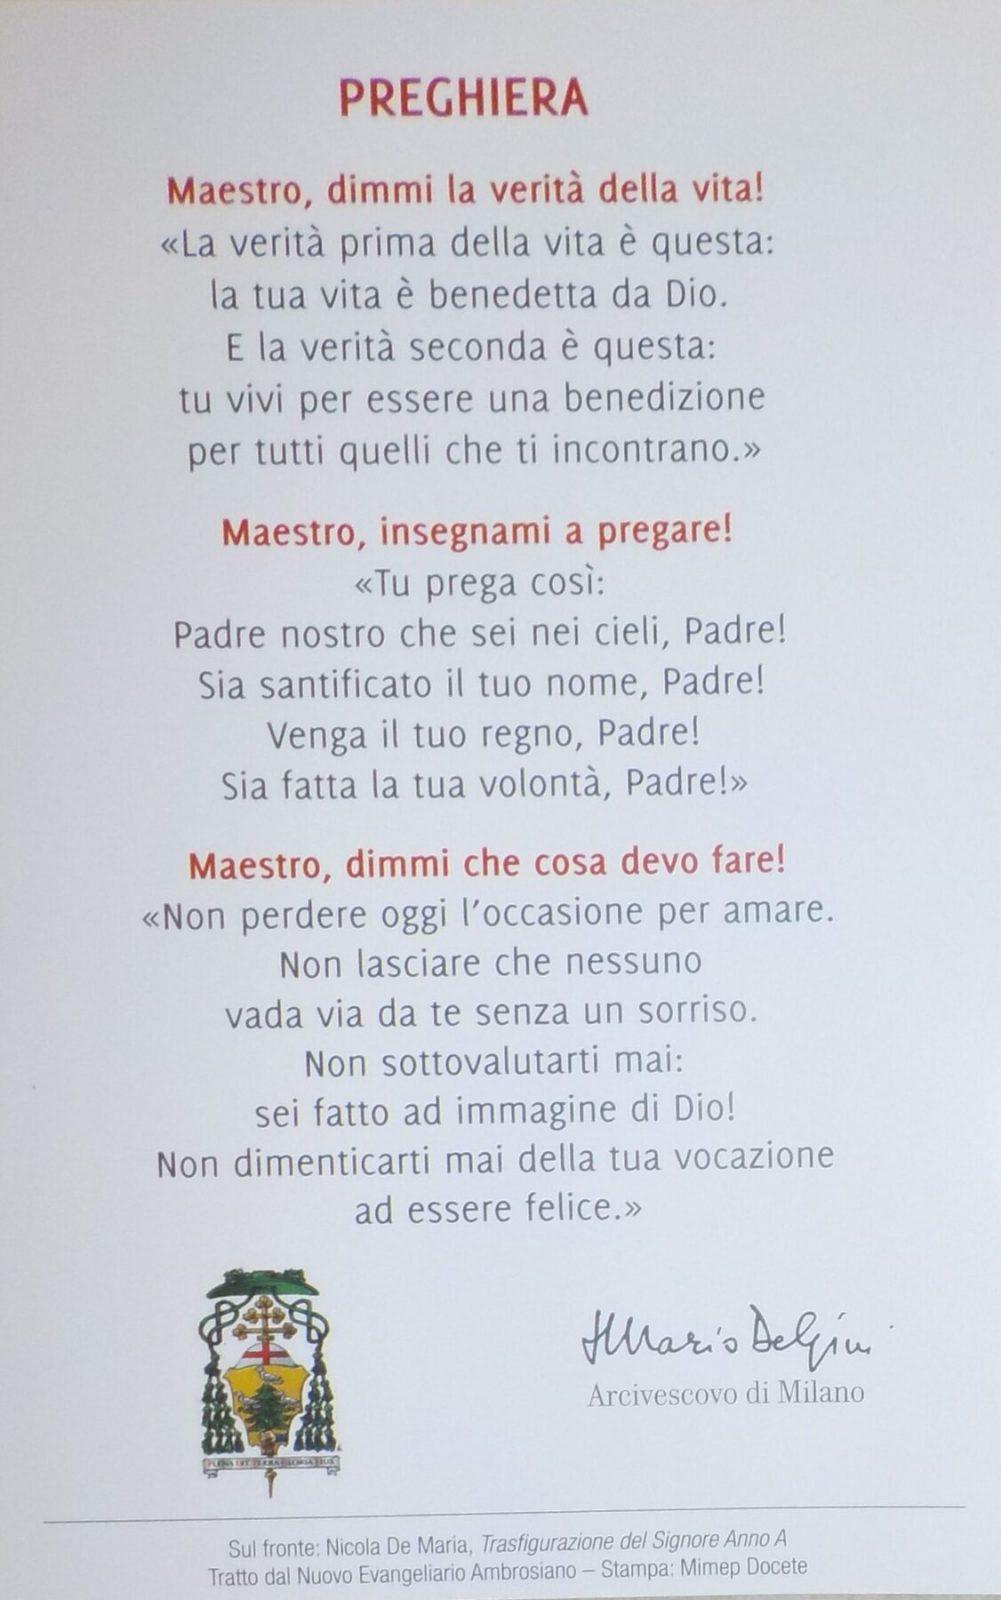 monsignor delpini Corbetta - L'Arcivescovo di Milano, Monsignor Delpini a Corbetta dai Somaschi 04/06/2021